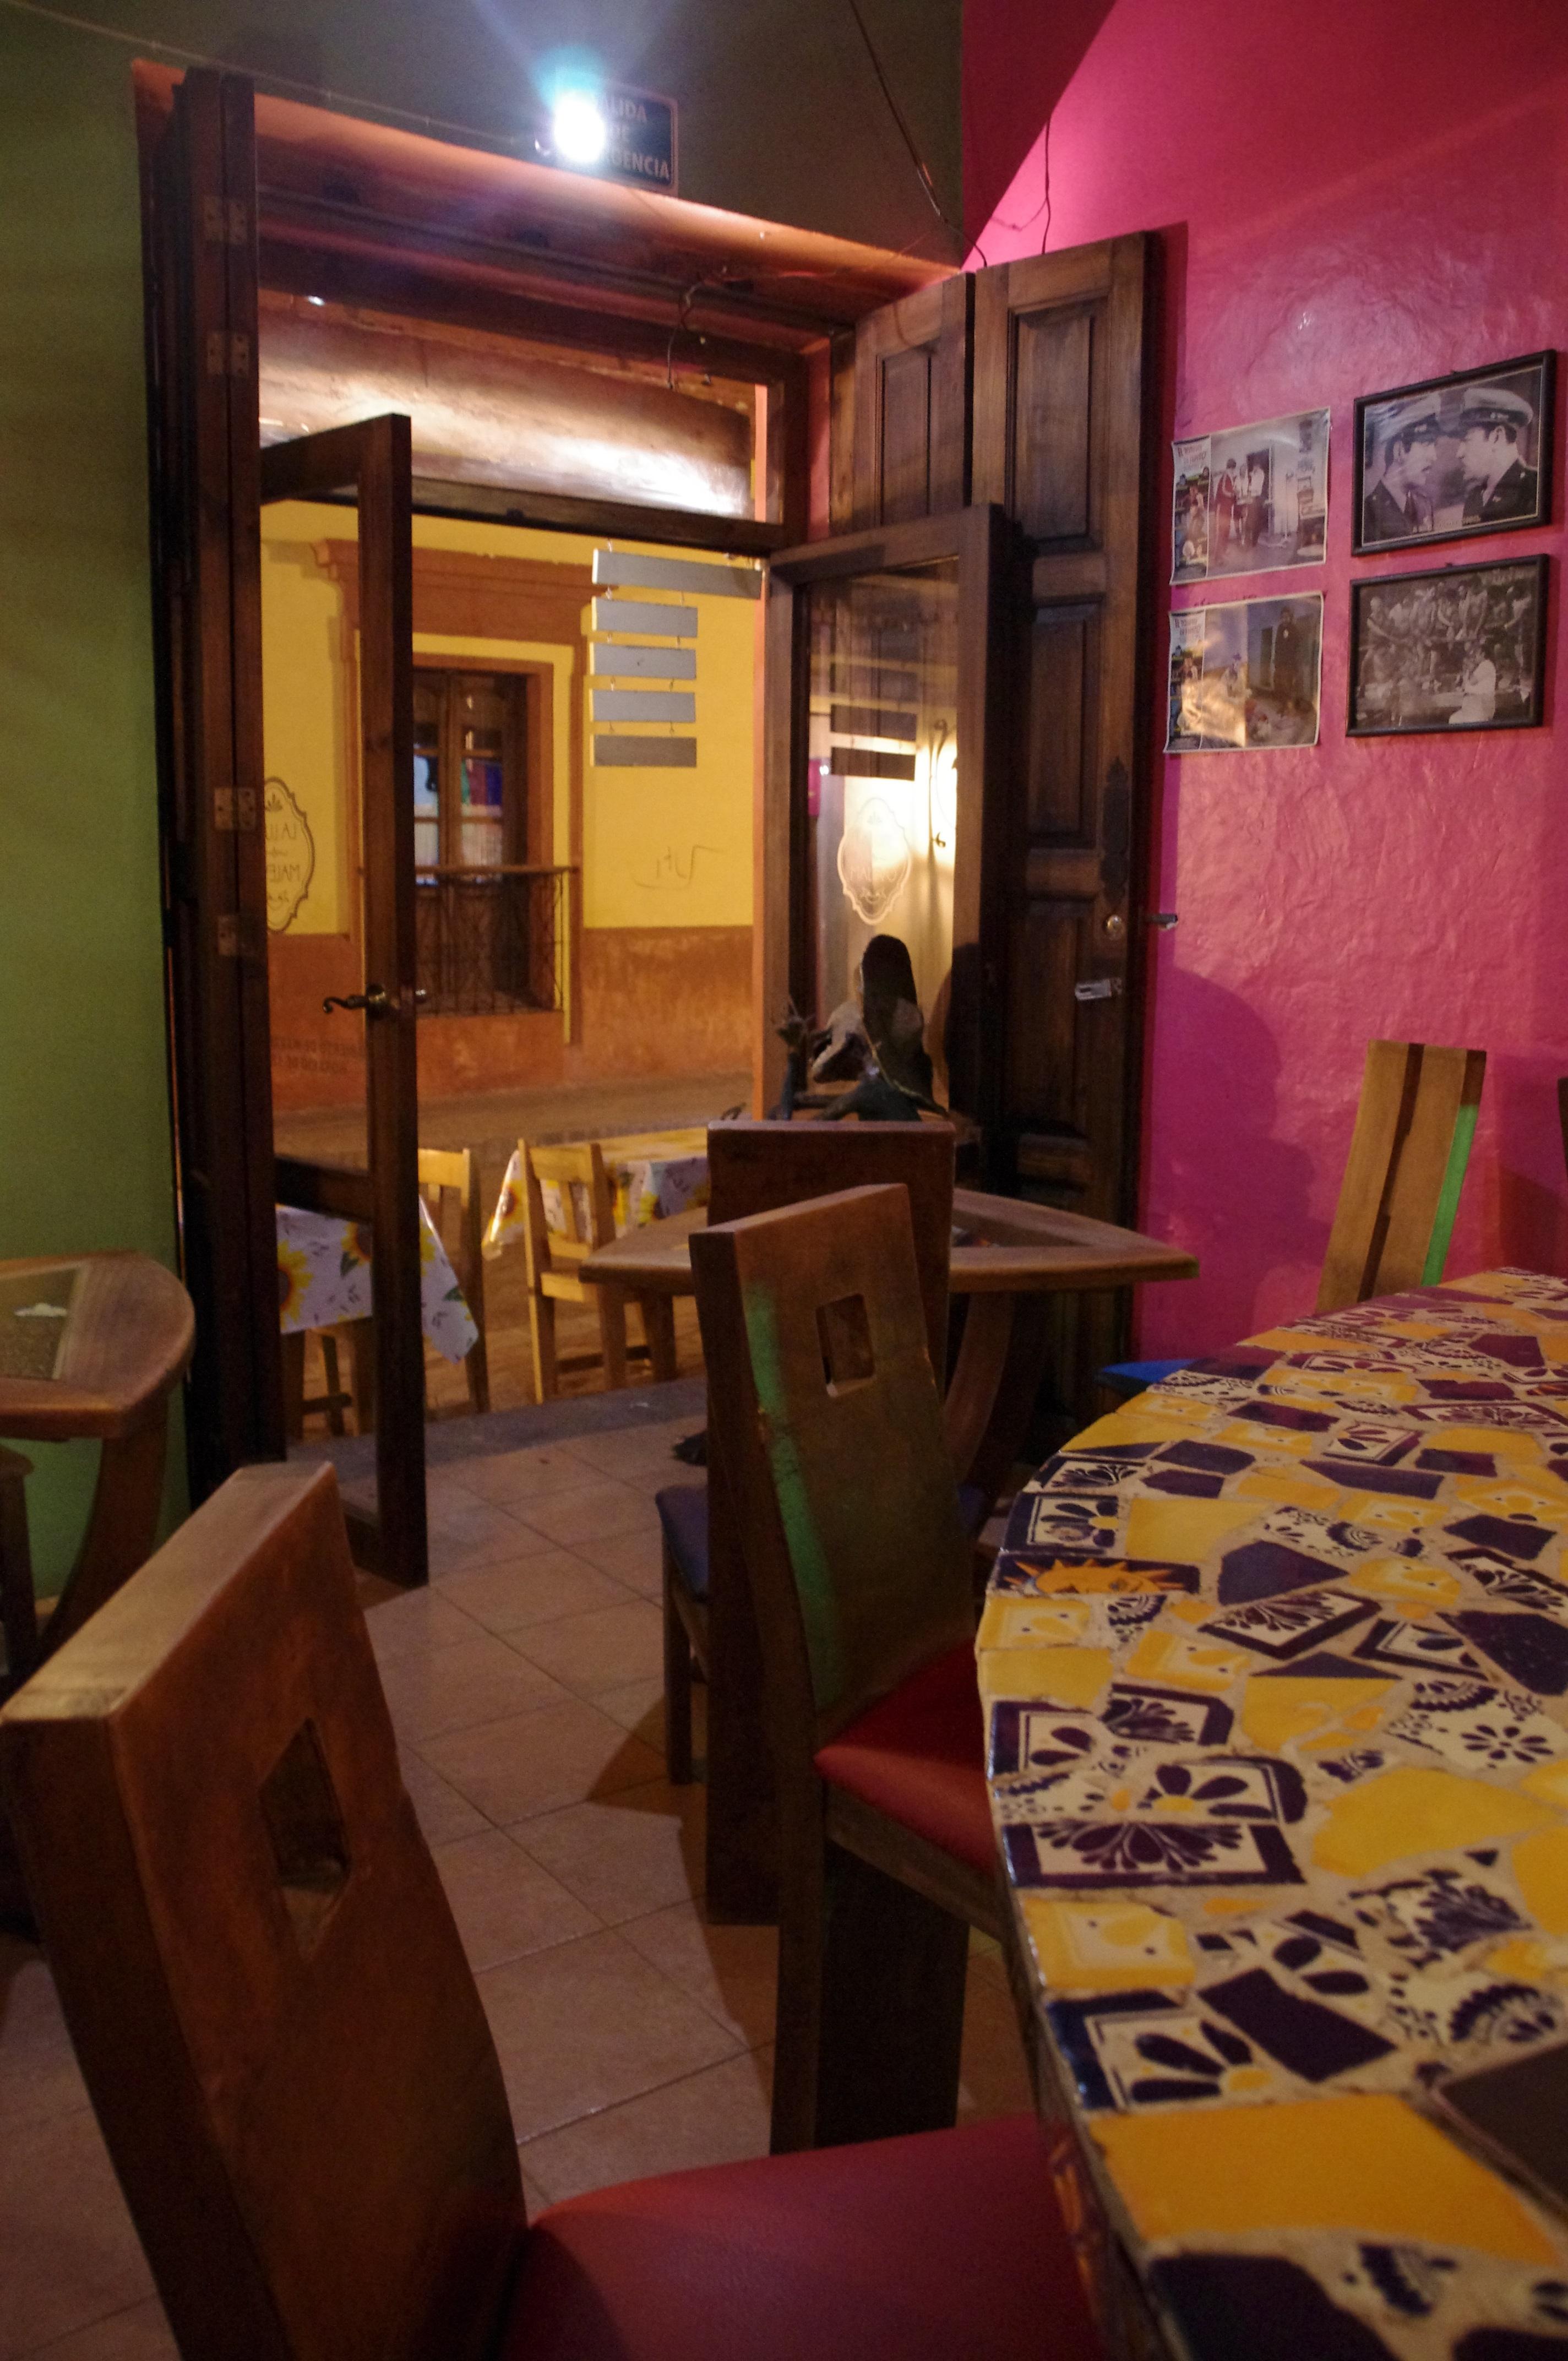 Fotos Gratis Casa Bar Sala Habitaci N Dise O De Interiores  ~ Aplicaciones De Diseño De Interiores